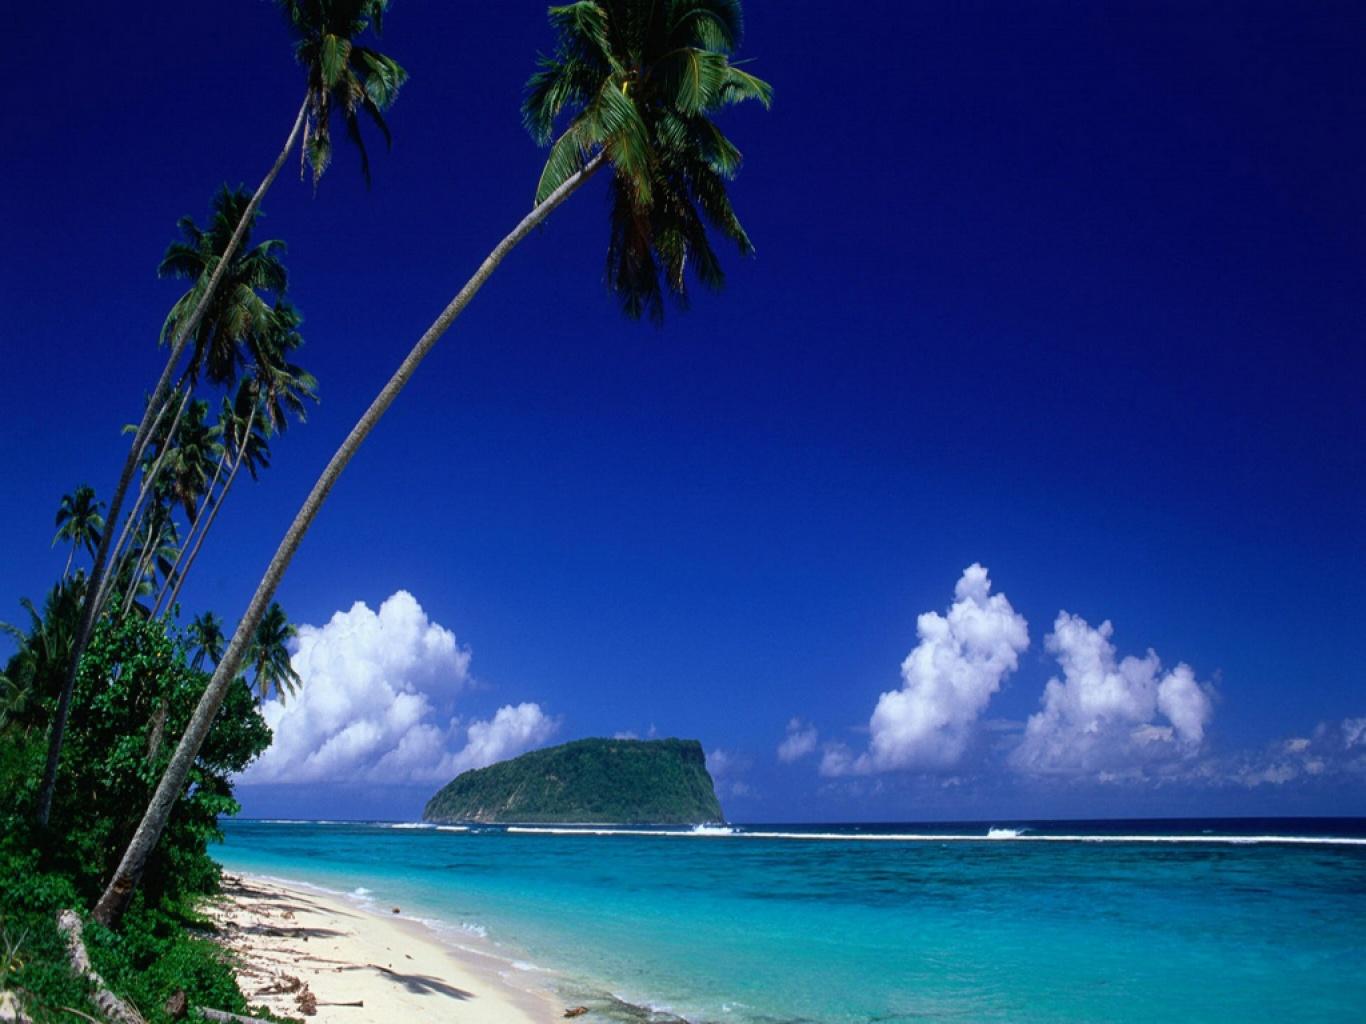 Playa Lalomanu de Samoa 1280x1024 Paisajes imgenes para fondos 1366x1024